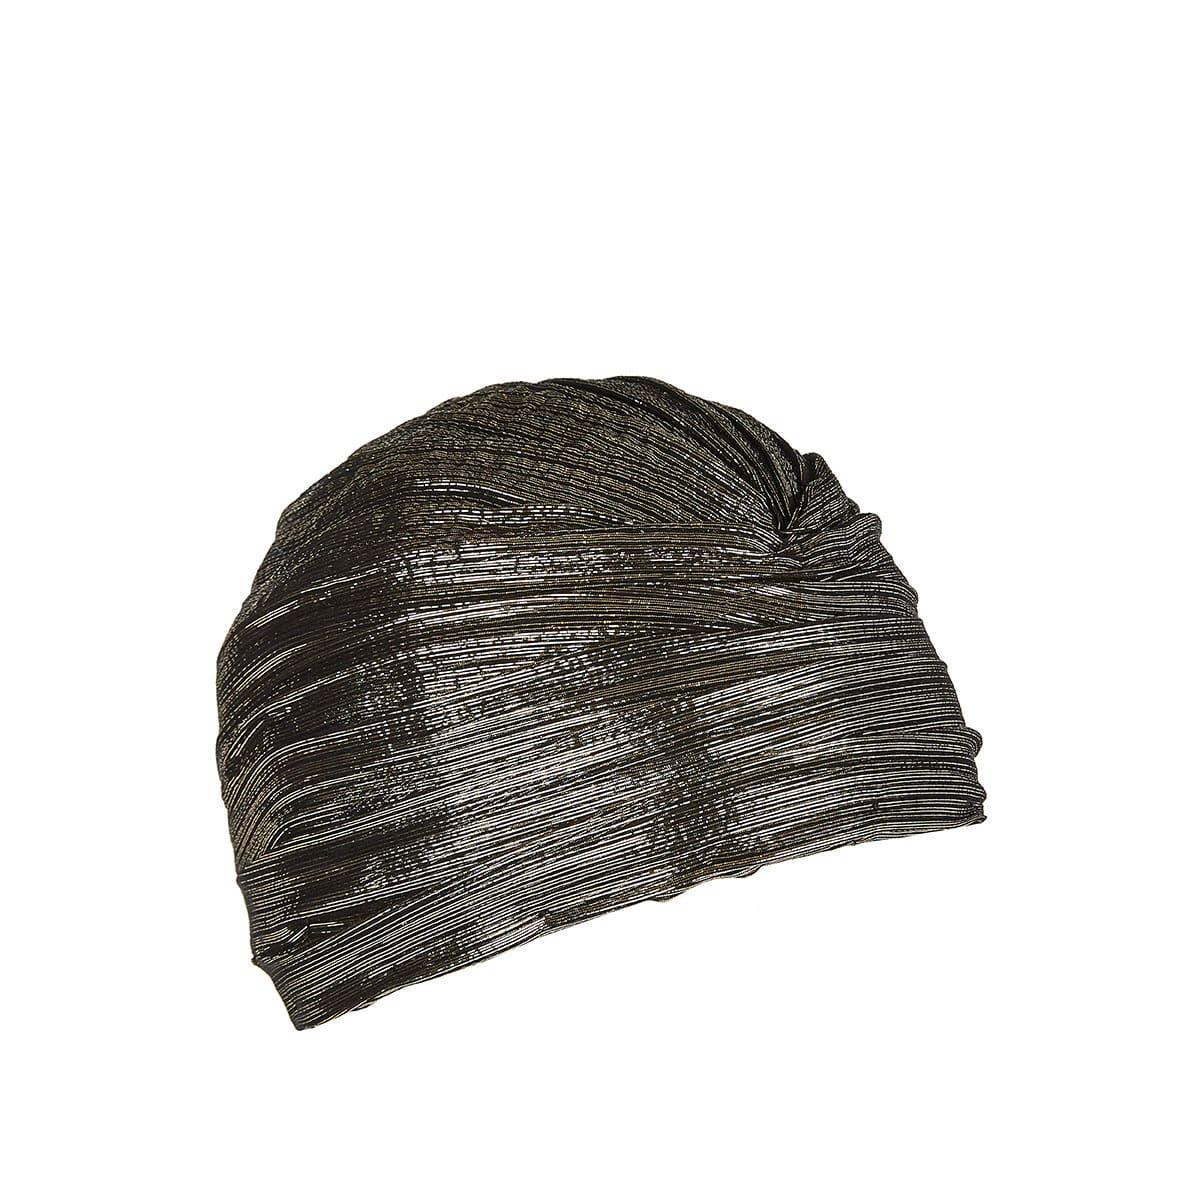 Lurex and silk jacquard turban